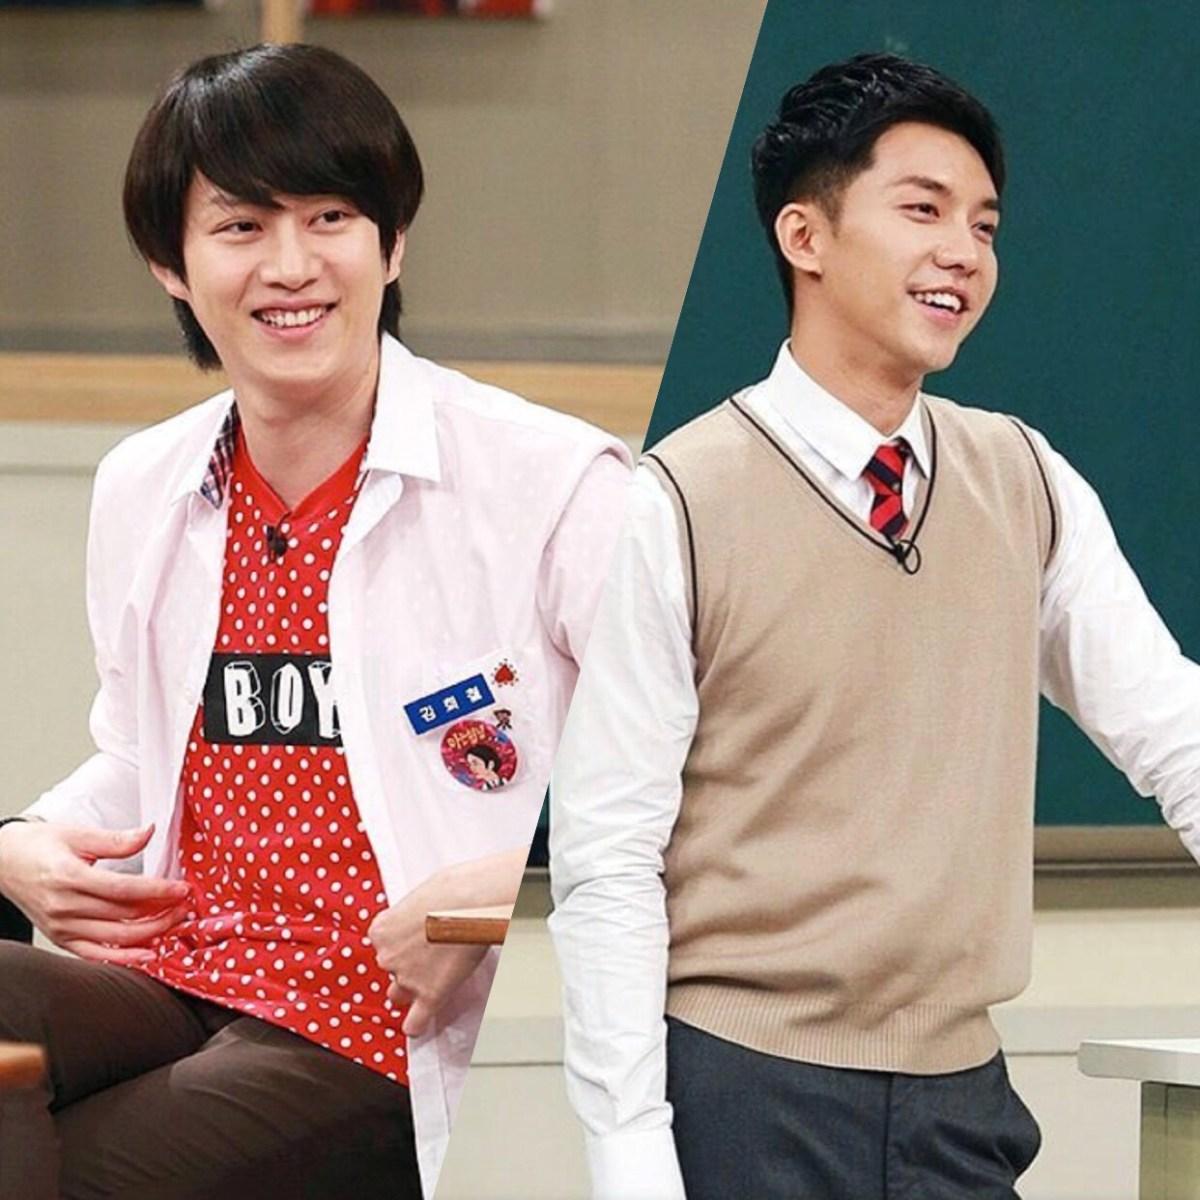 لي سونغ غي يكشف سِرًا من أسرار عضو Super Junior كيم هيتشول!